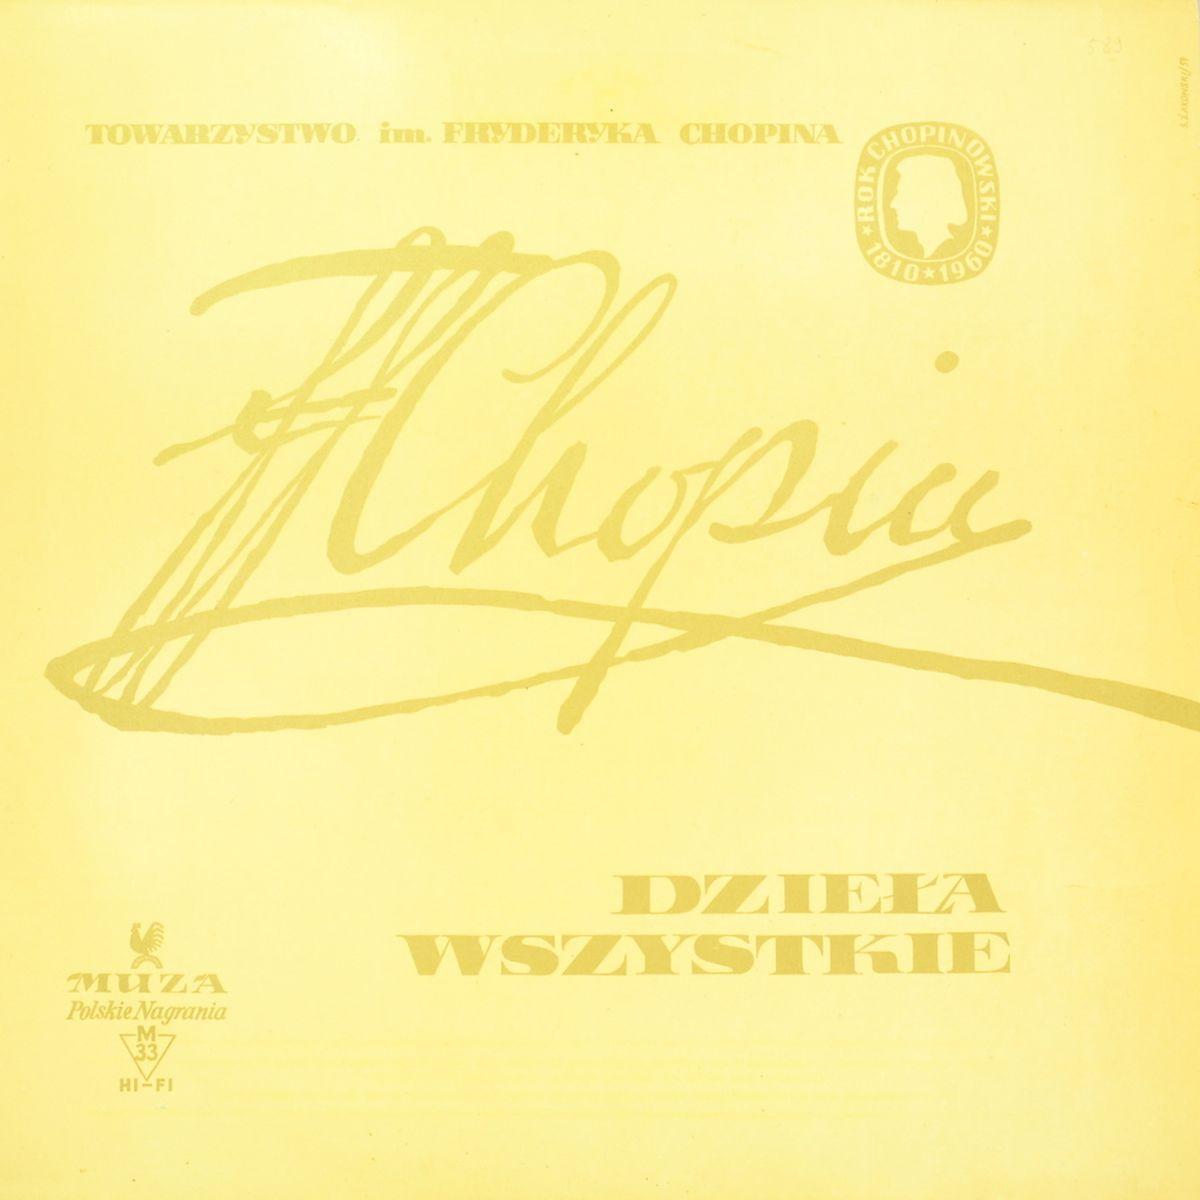 Fryderyk Chopin – Dziудa Wszystkie (Complete Works) - Mazurki Wszystkie Vol. III (LP)